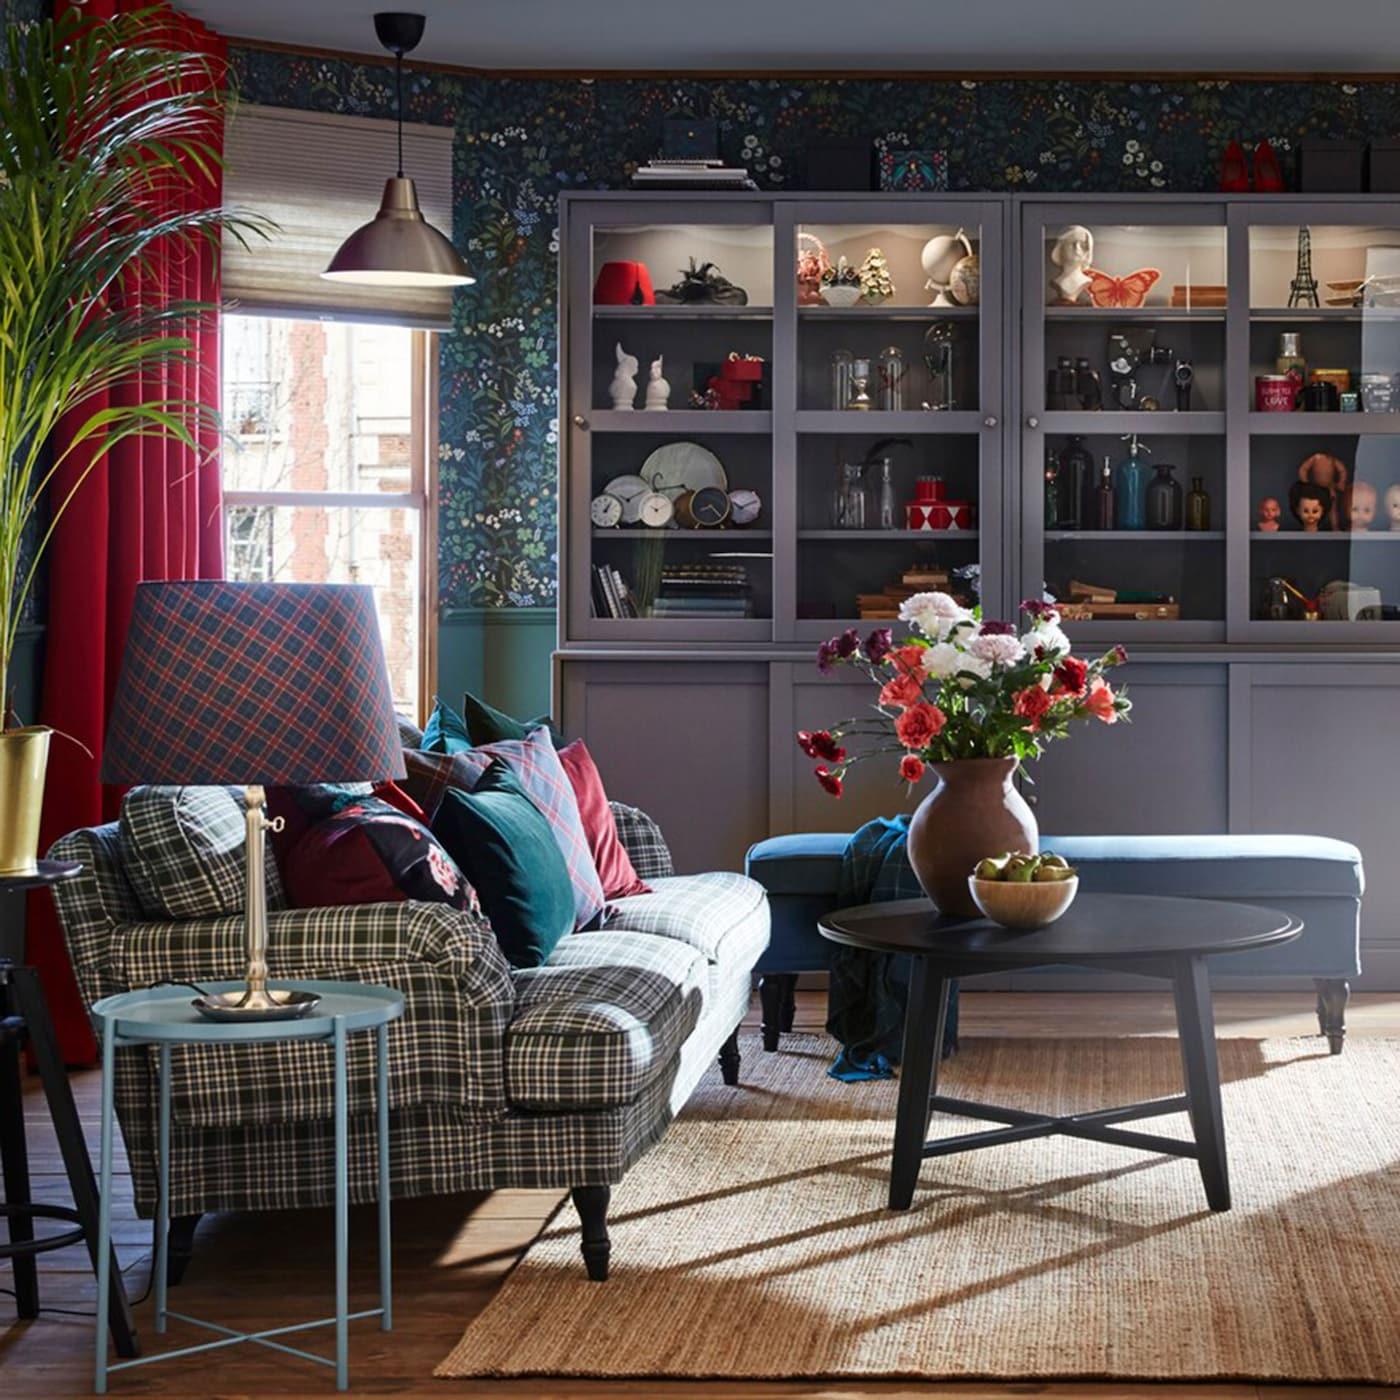 Du papier peint à motifs floraux aux plaids, ce couple ne craint pas d'exprimer son style dans le séjour. Le canapé IKEA STOCKSUND et le banc bleu vif en sont des exemples très parlants.